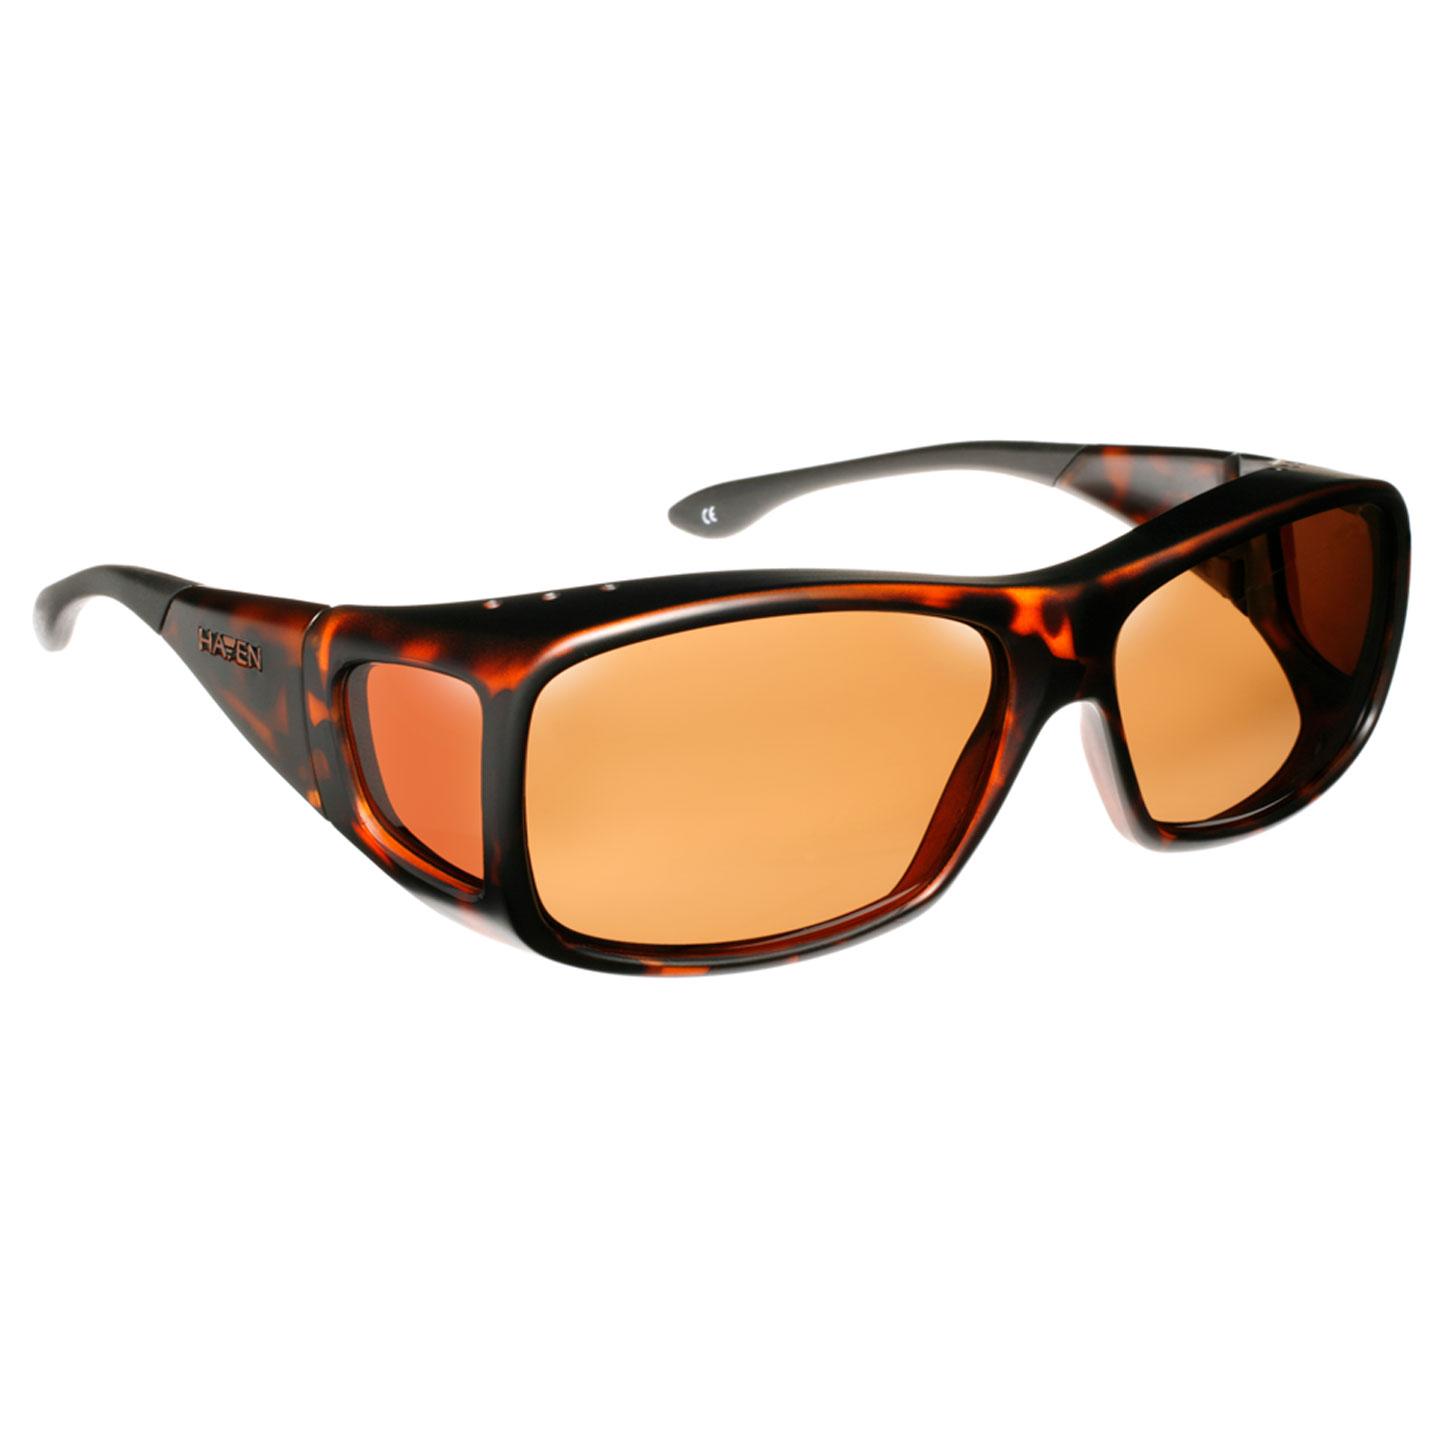 Les lunettes de soleil montures enveloppantes- DENALI